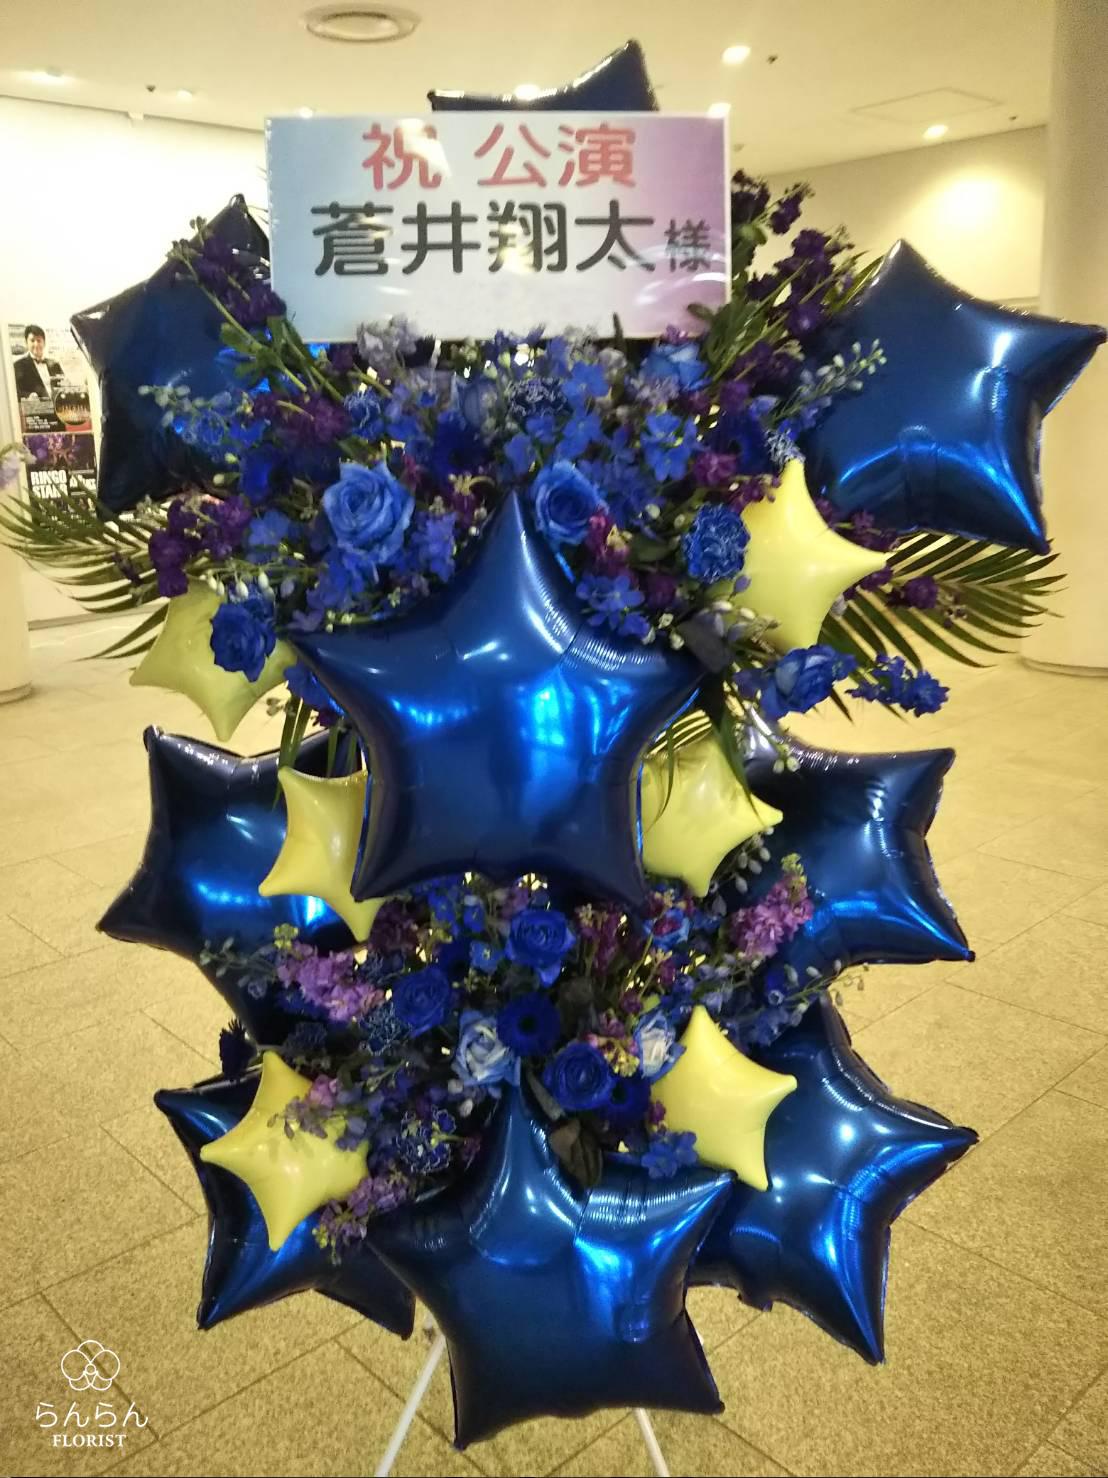 蒼井翔太 お祝いスタンド花